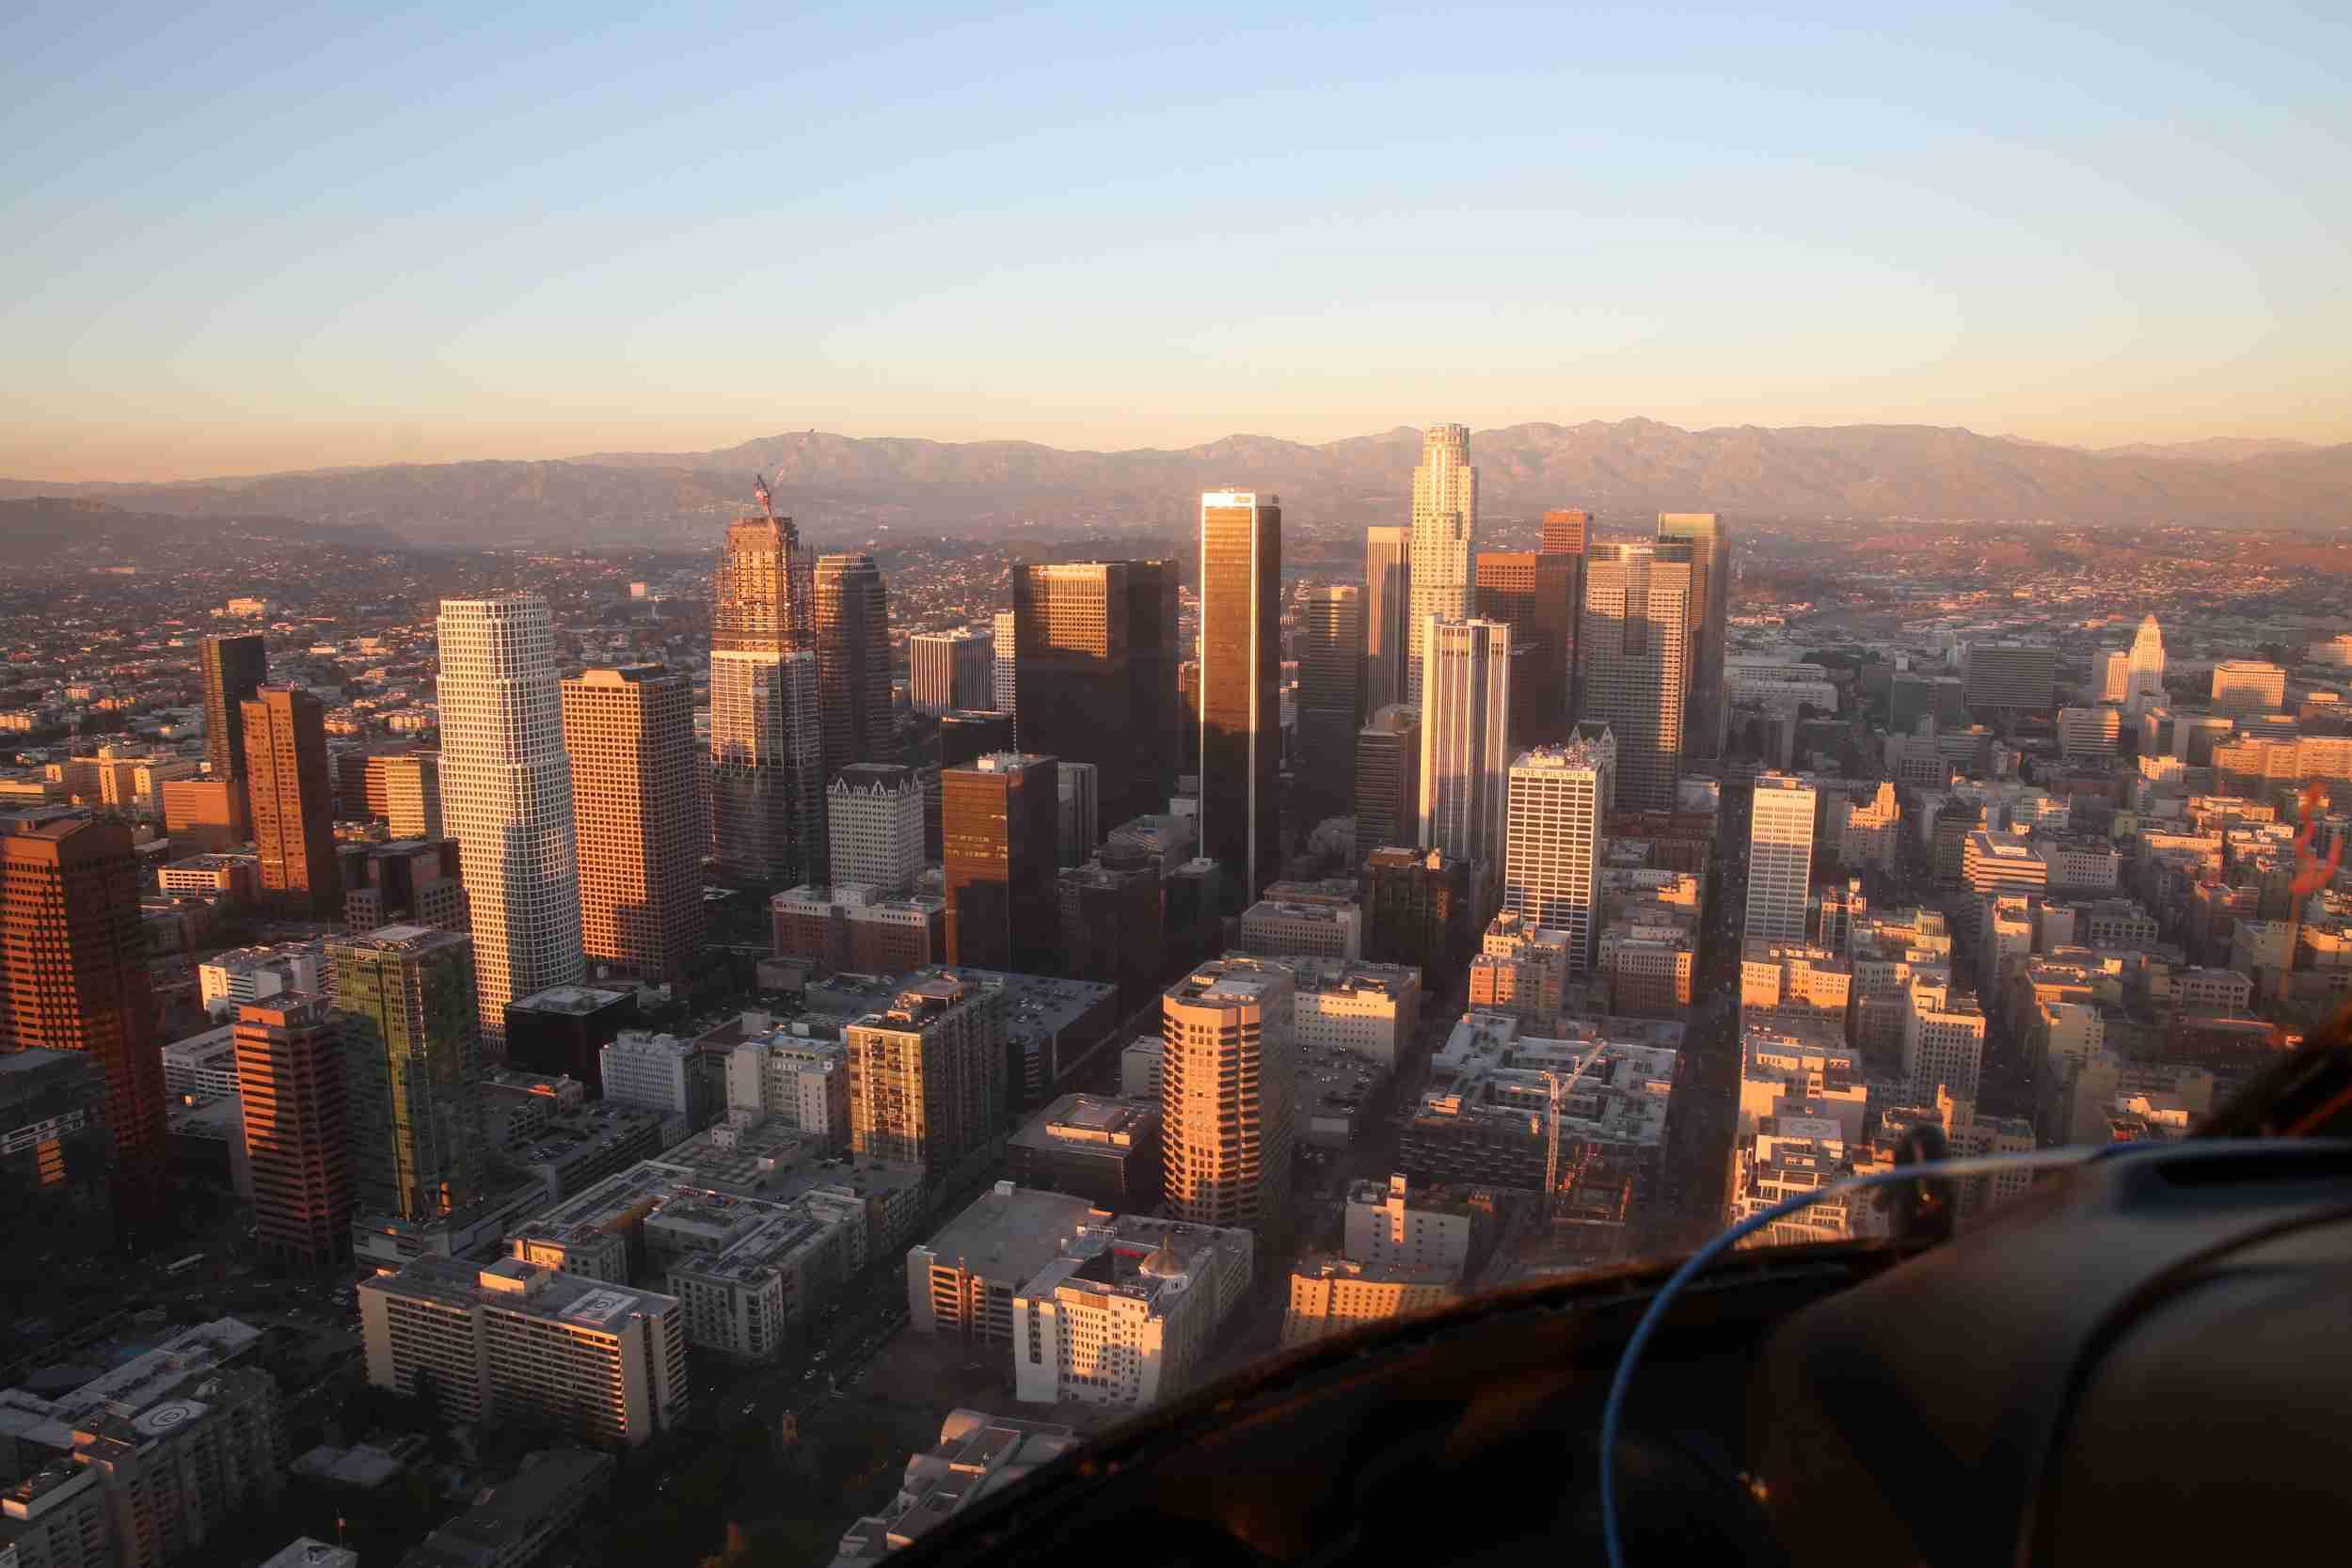 Paisaje urbano contra el cielo despejado visto a través de un helicóptero en California